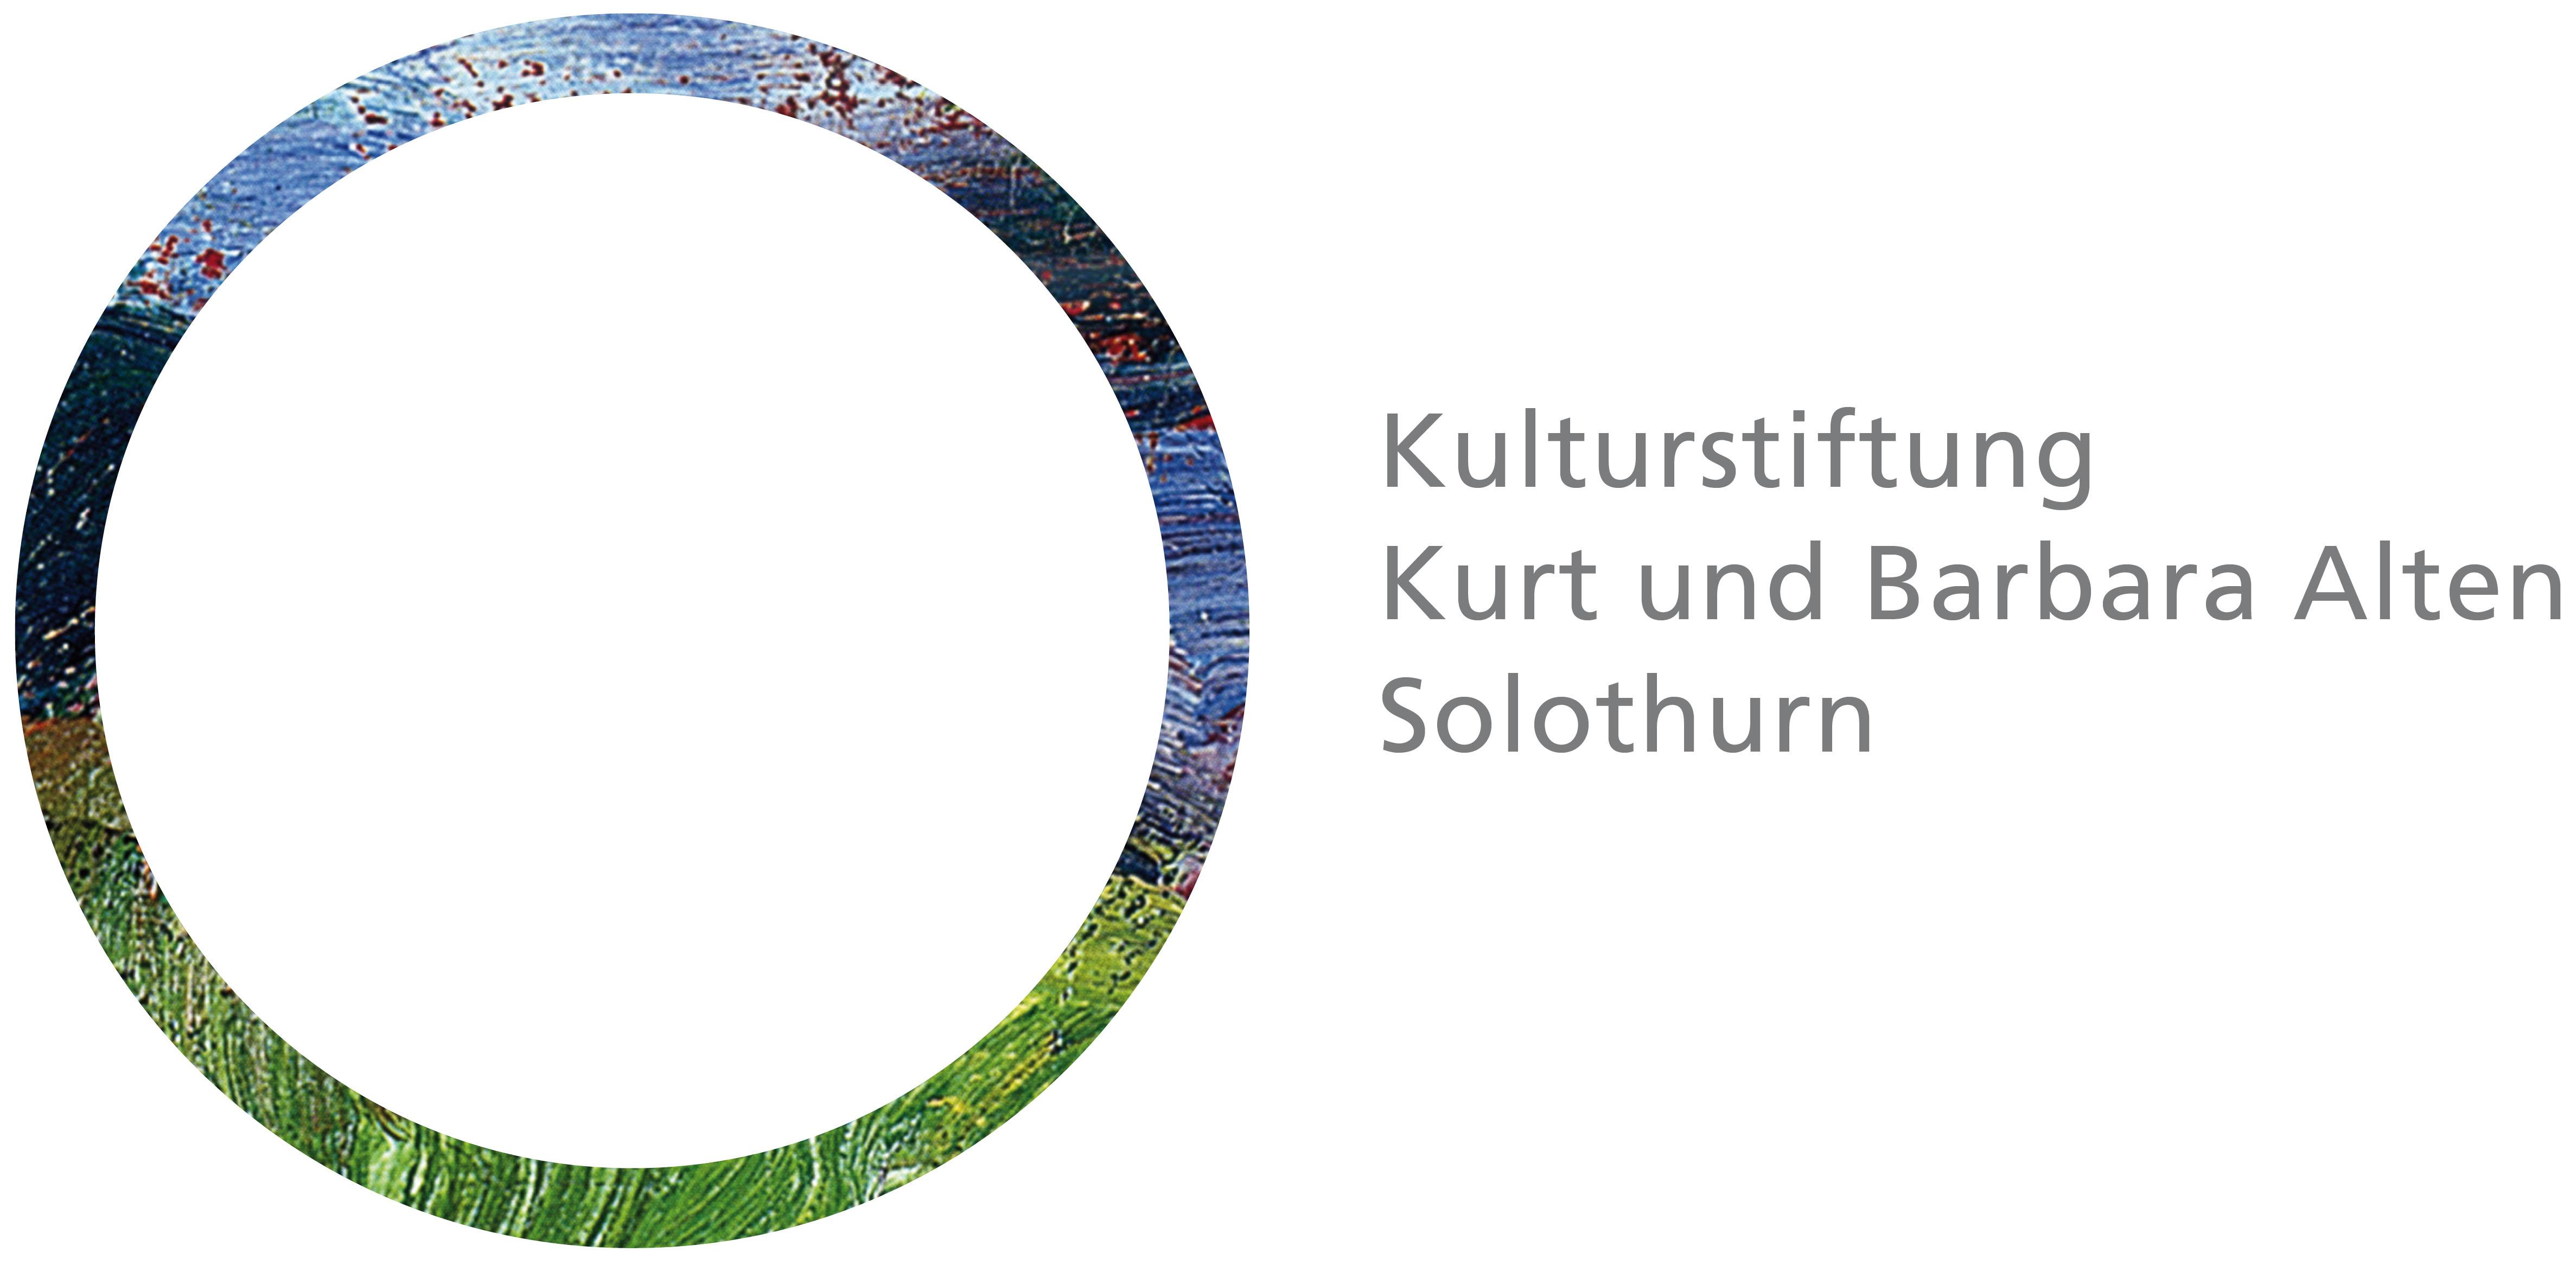 Kulturstiftung Alten